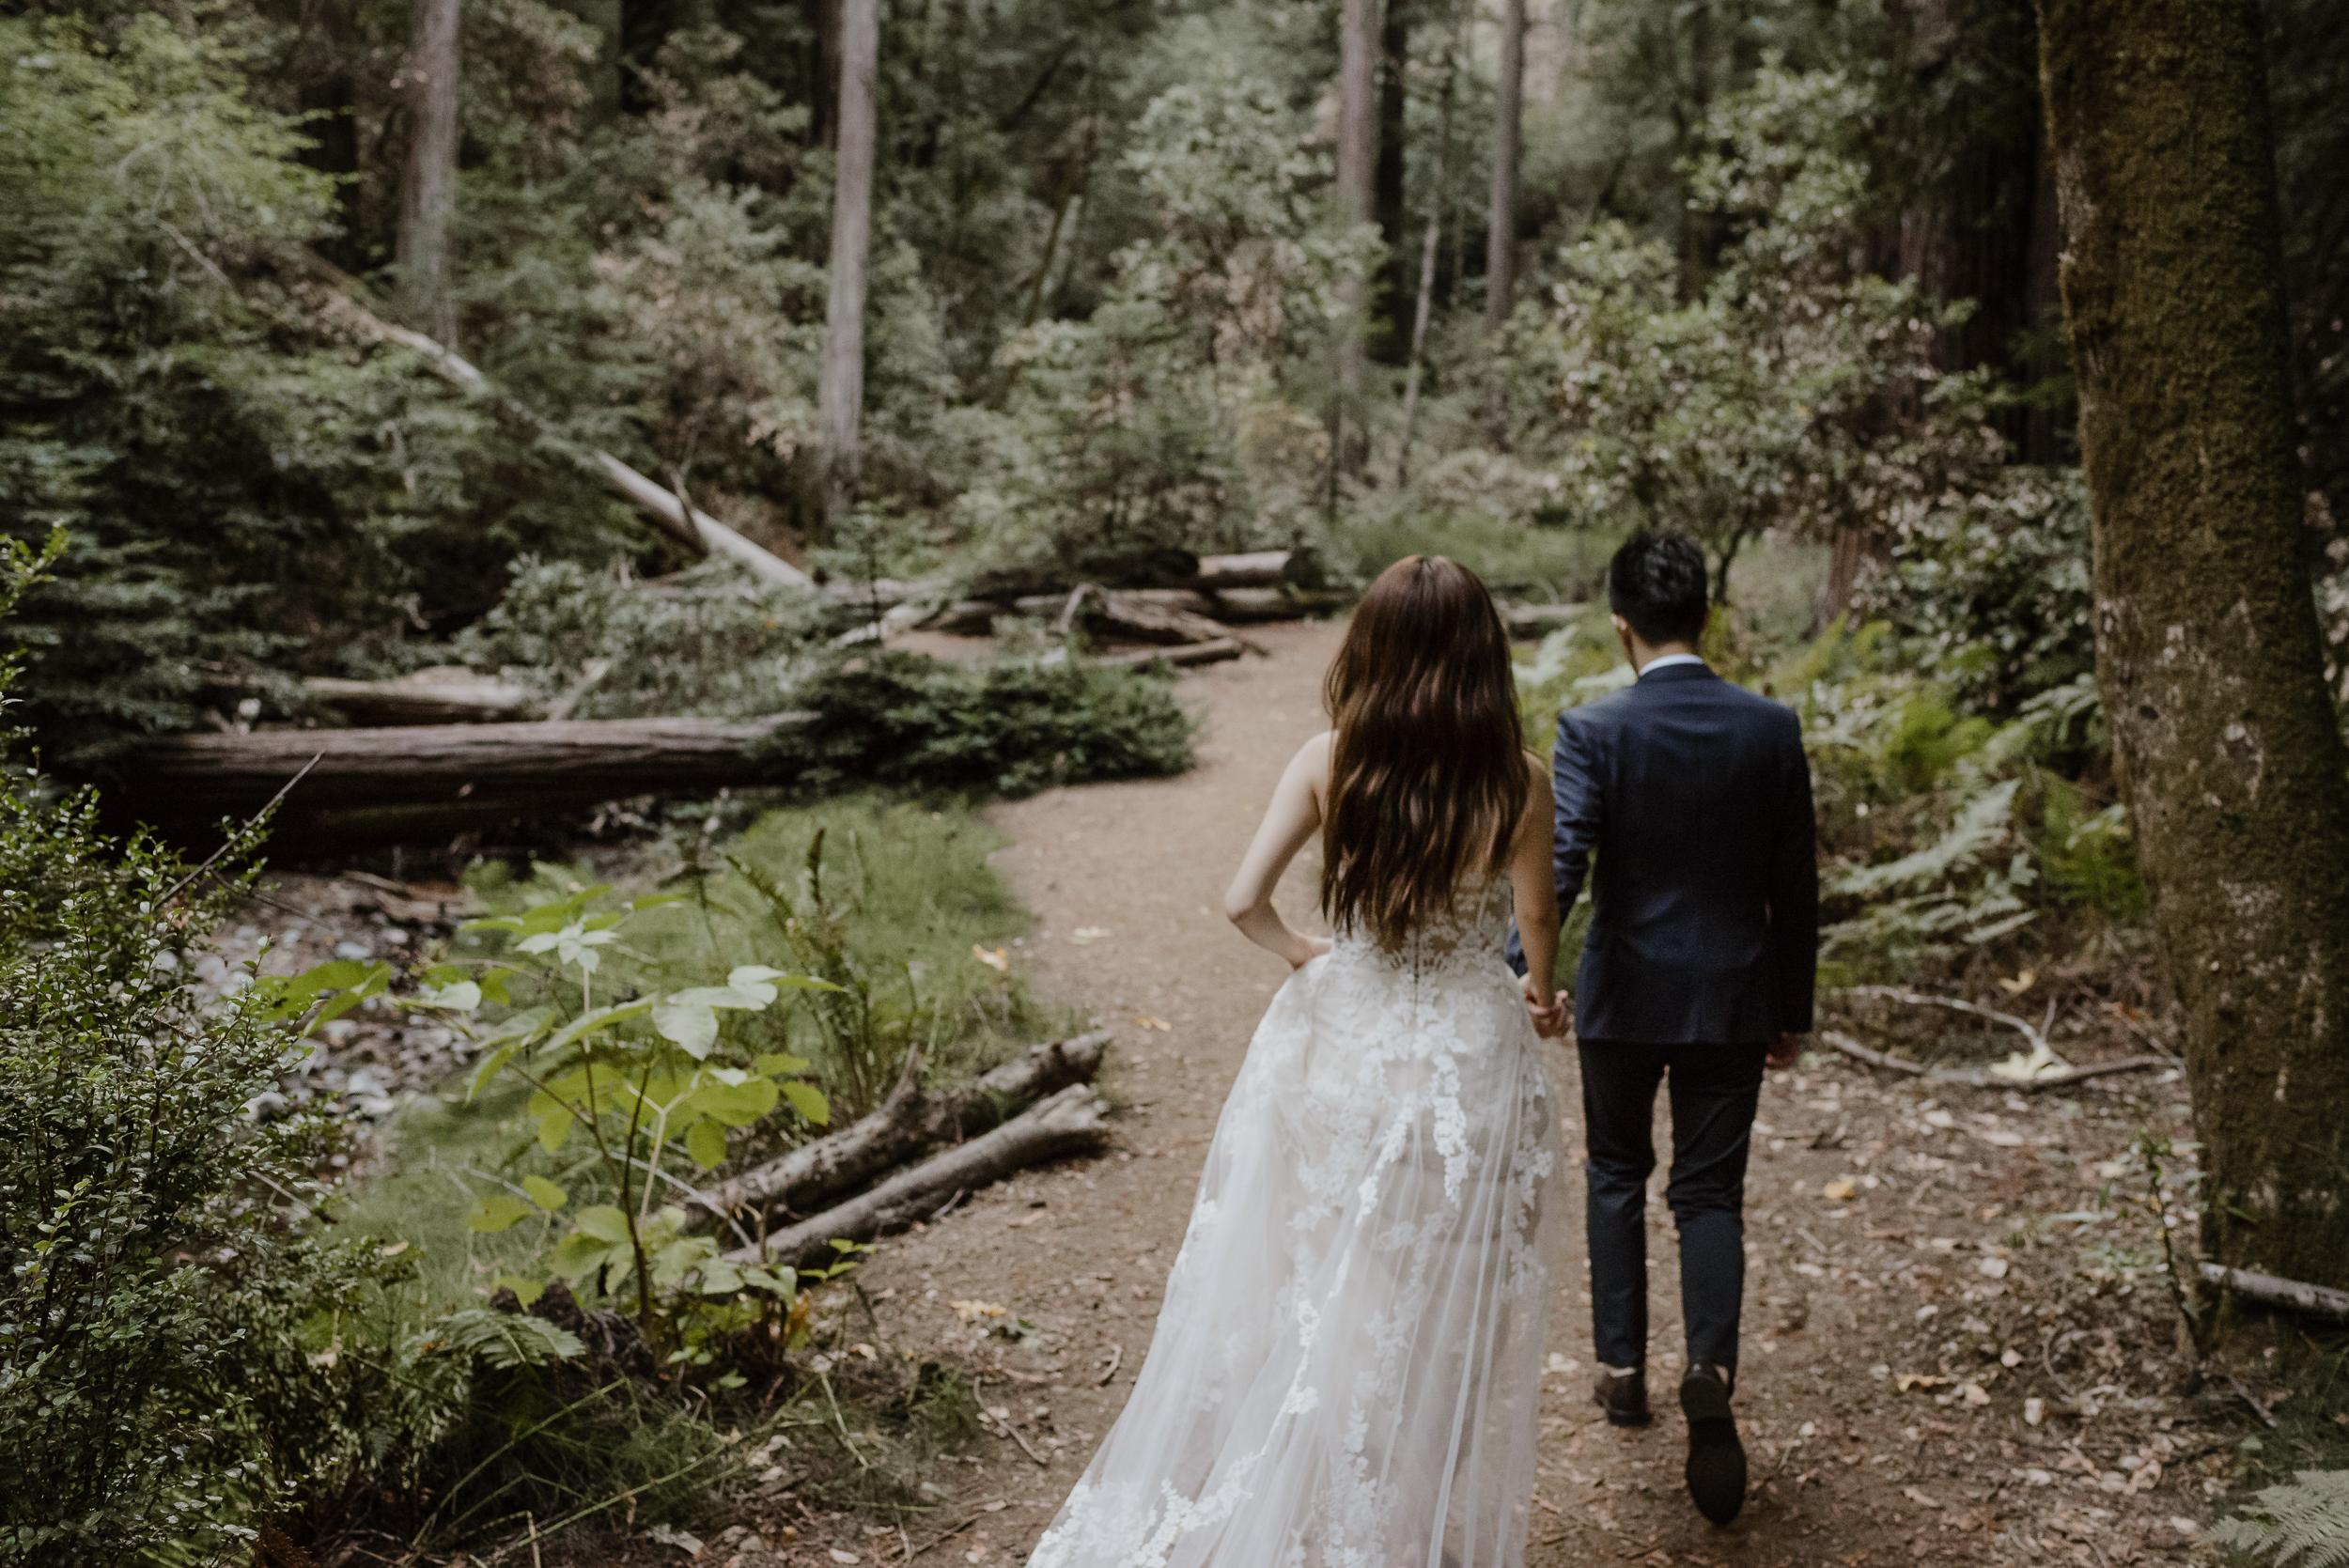 16-muir-woods-wedding-engagement-portrait-session-vivianchen-157.jpg